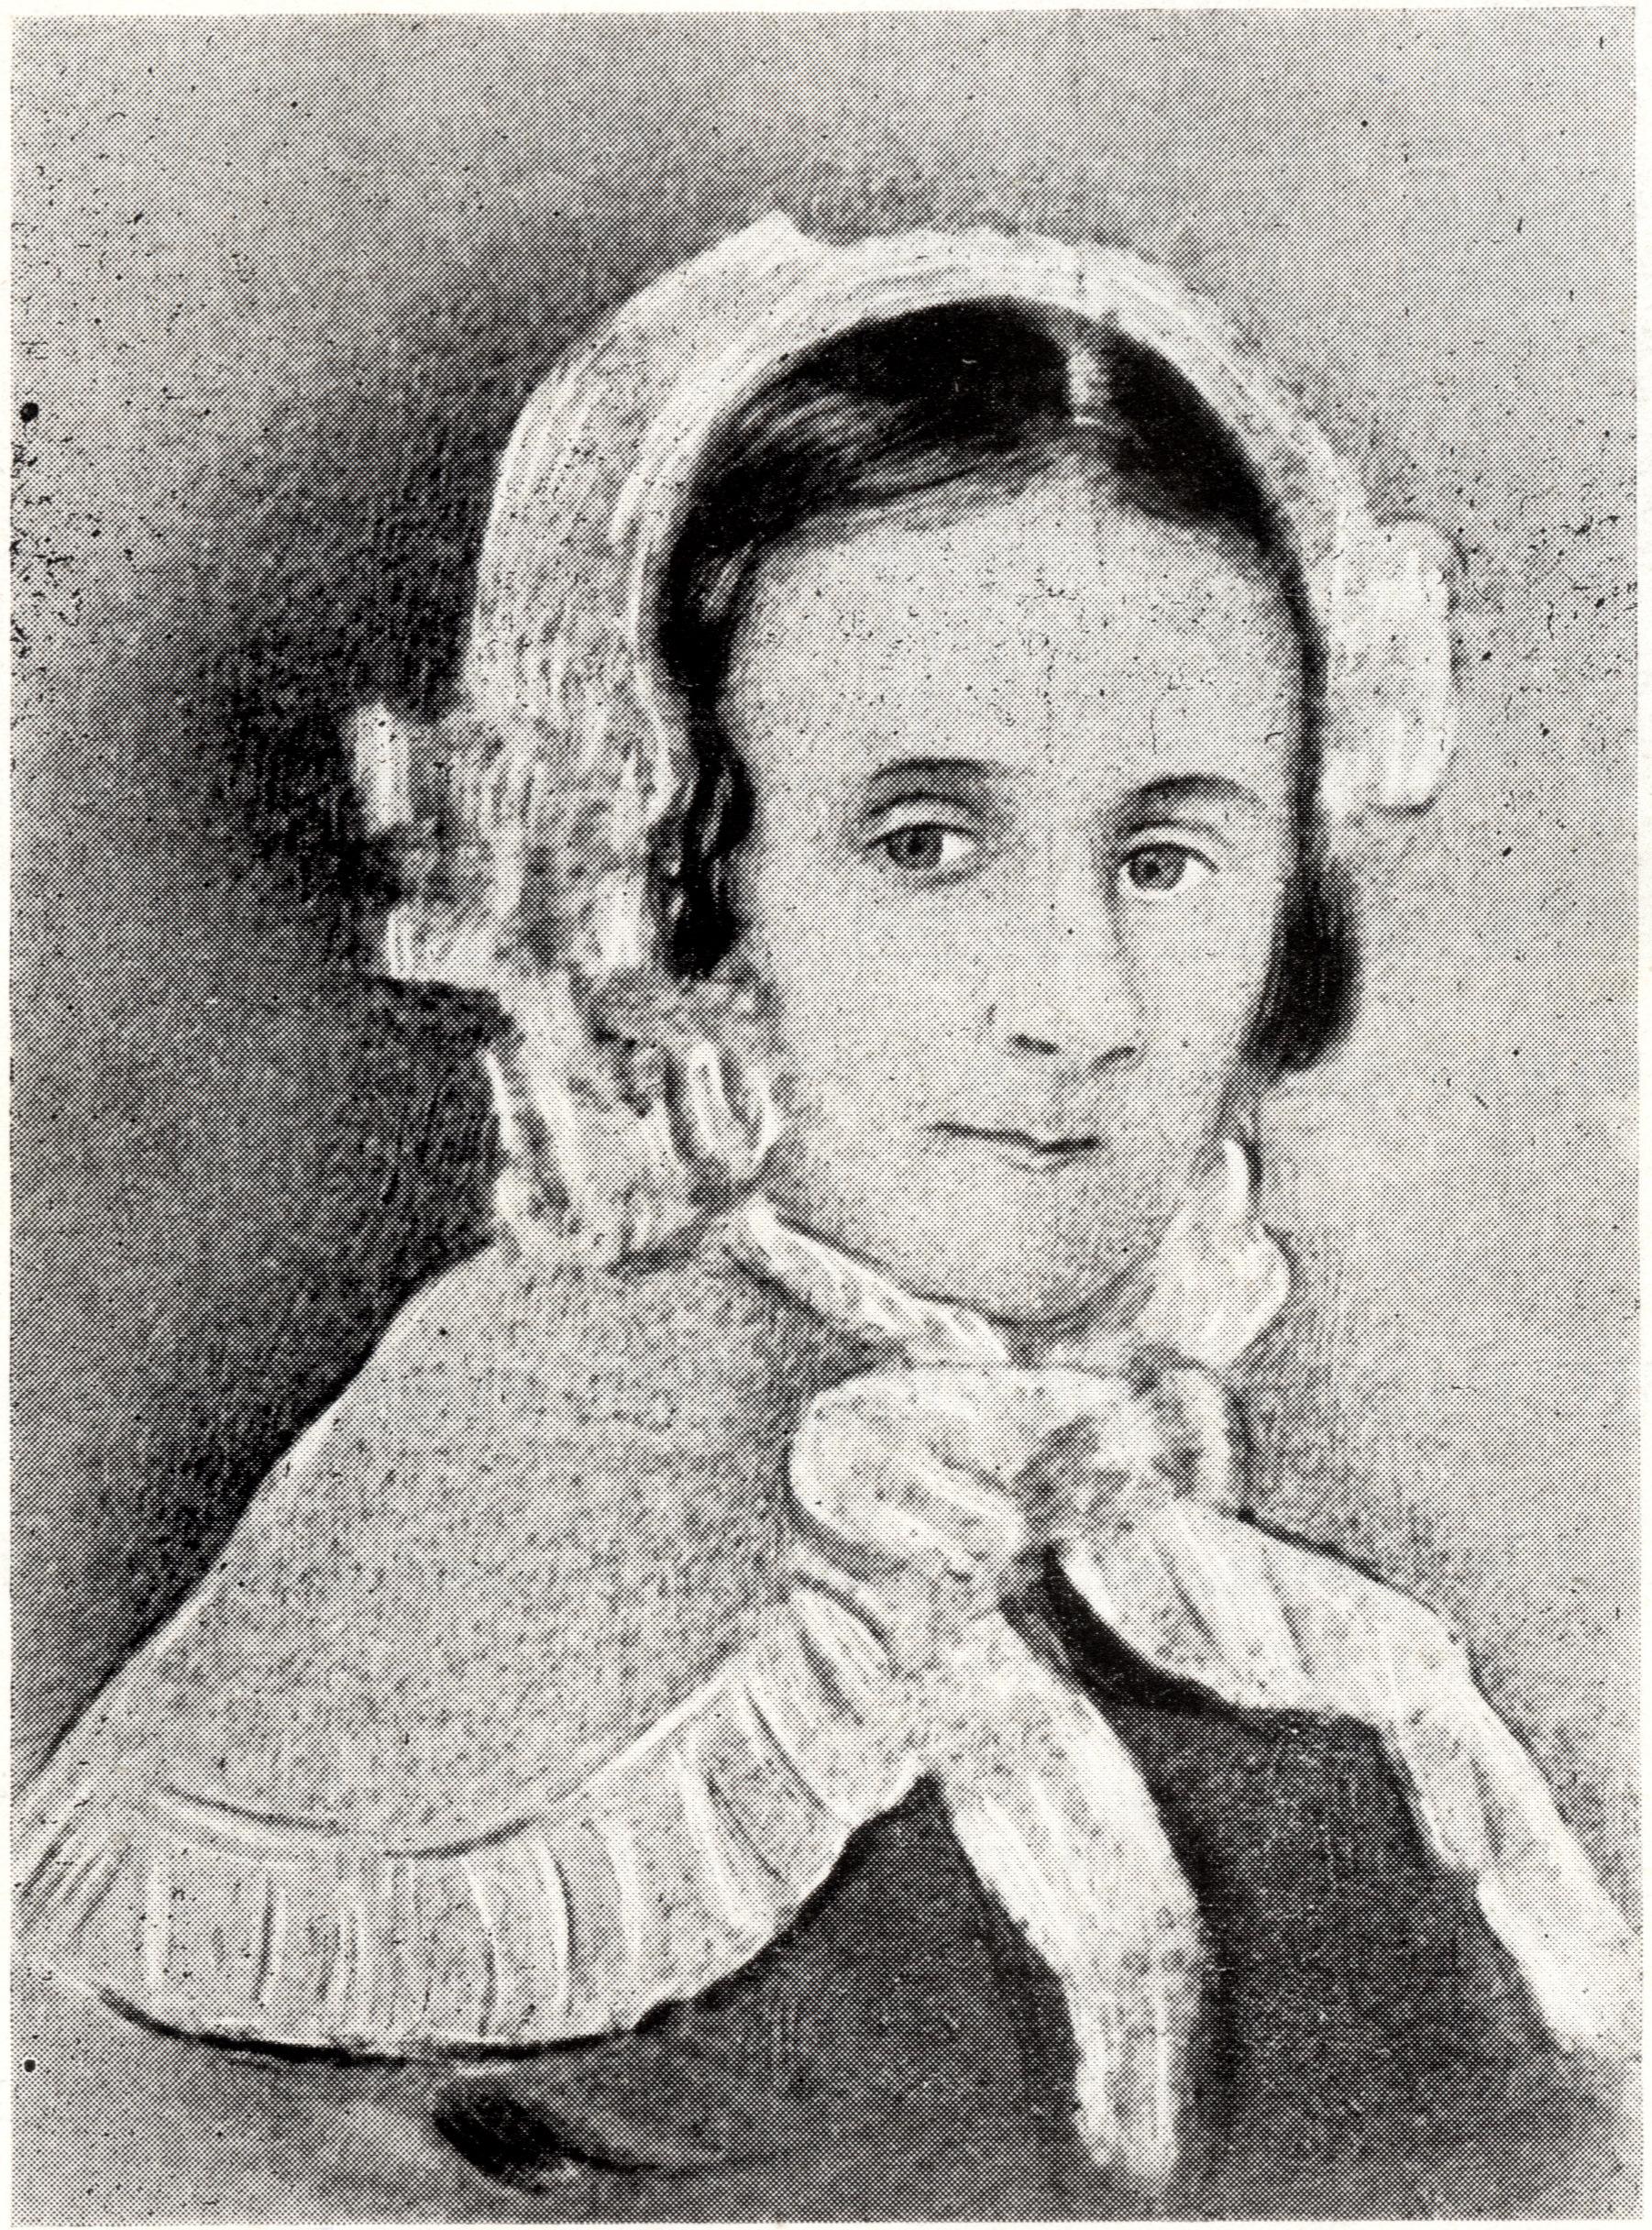 Elizabeth Sutton